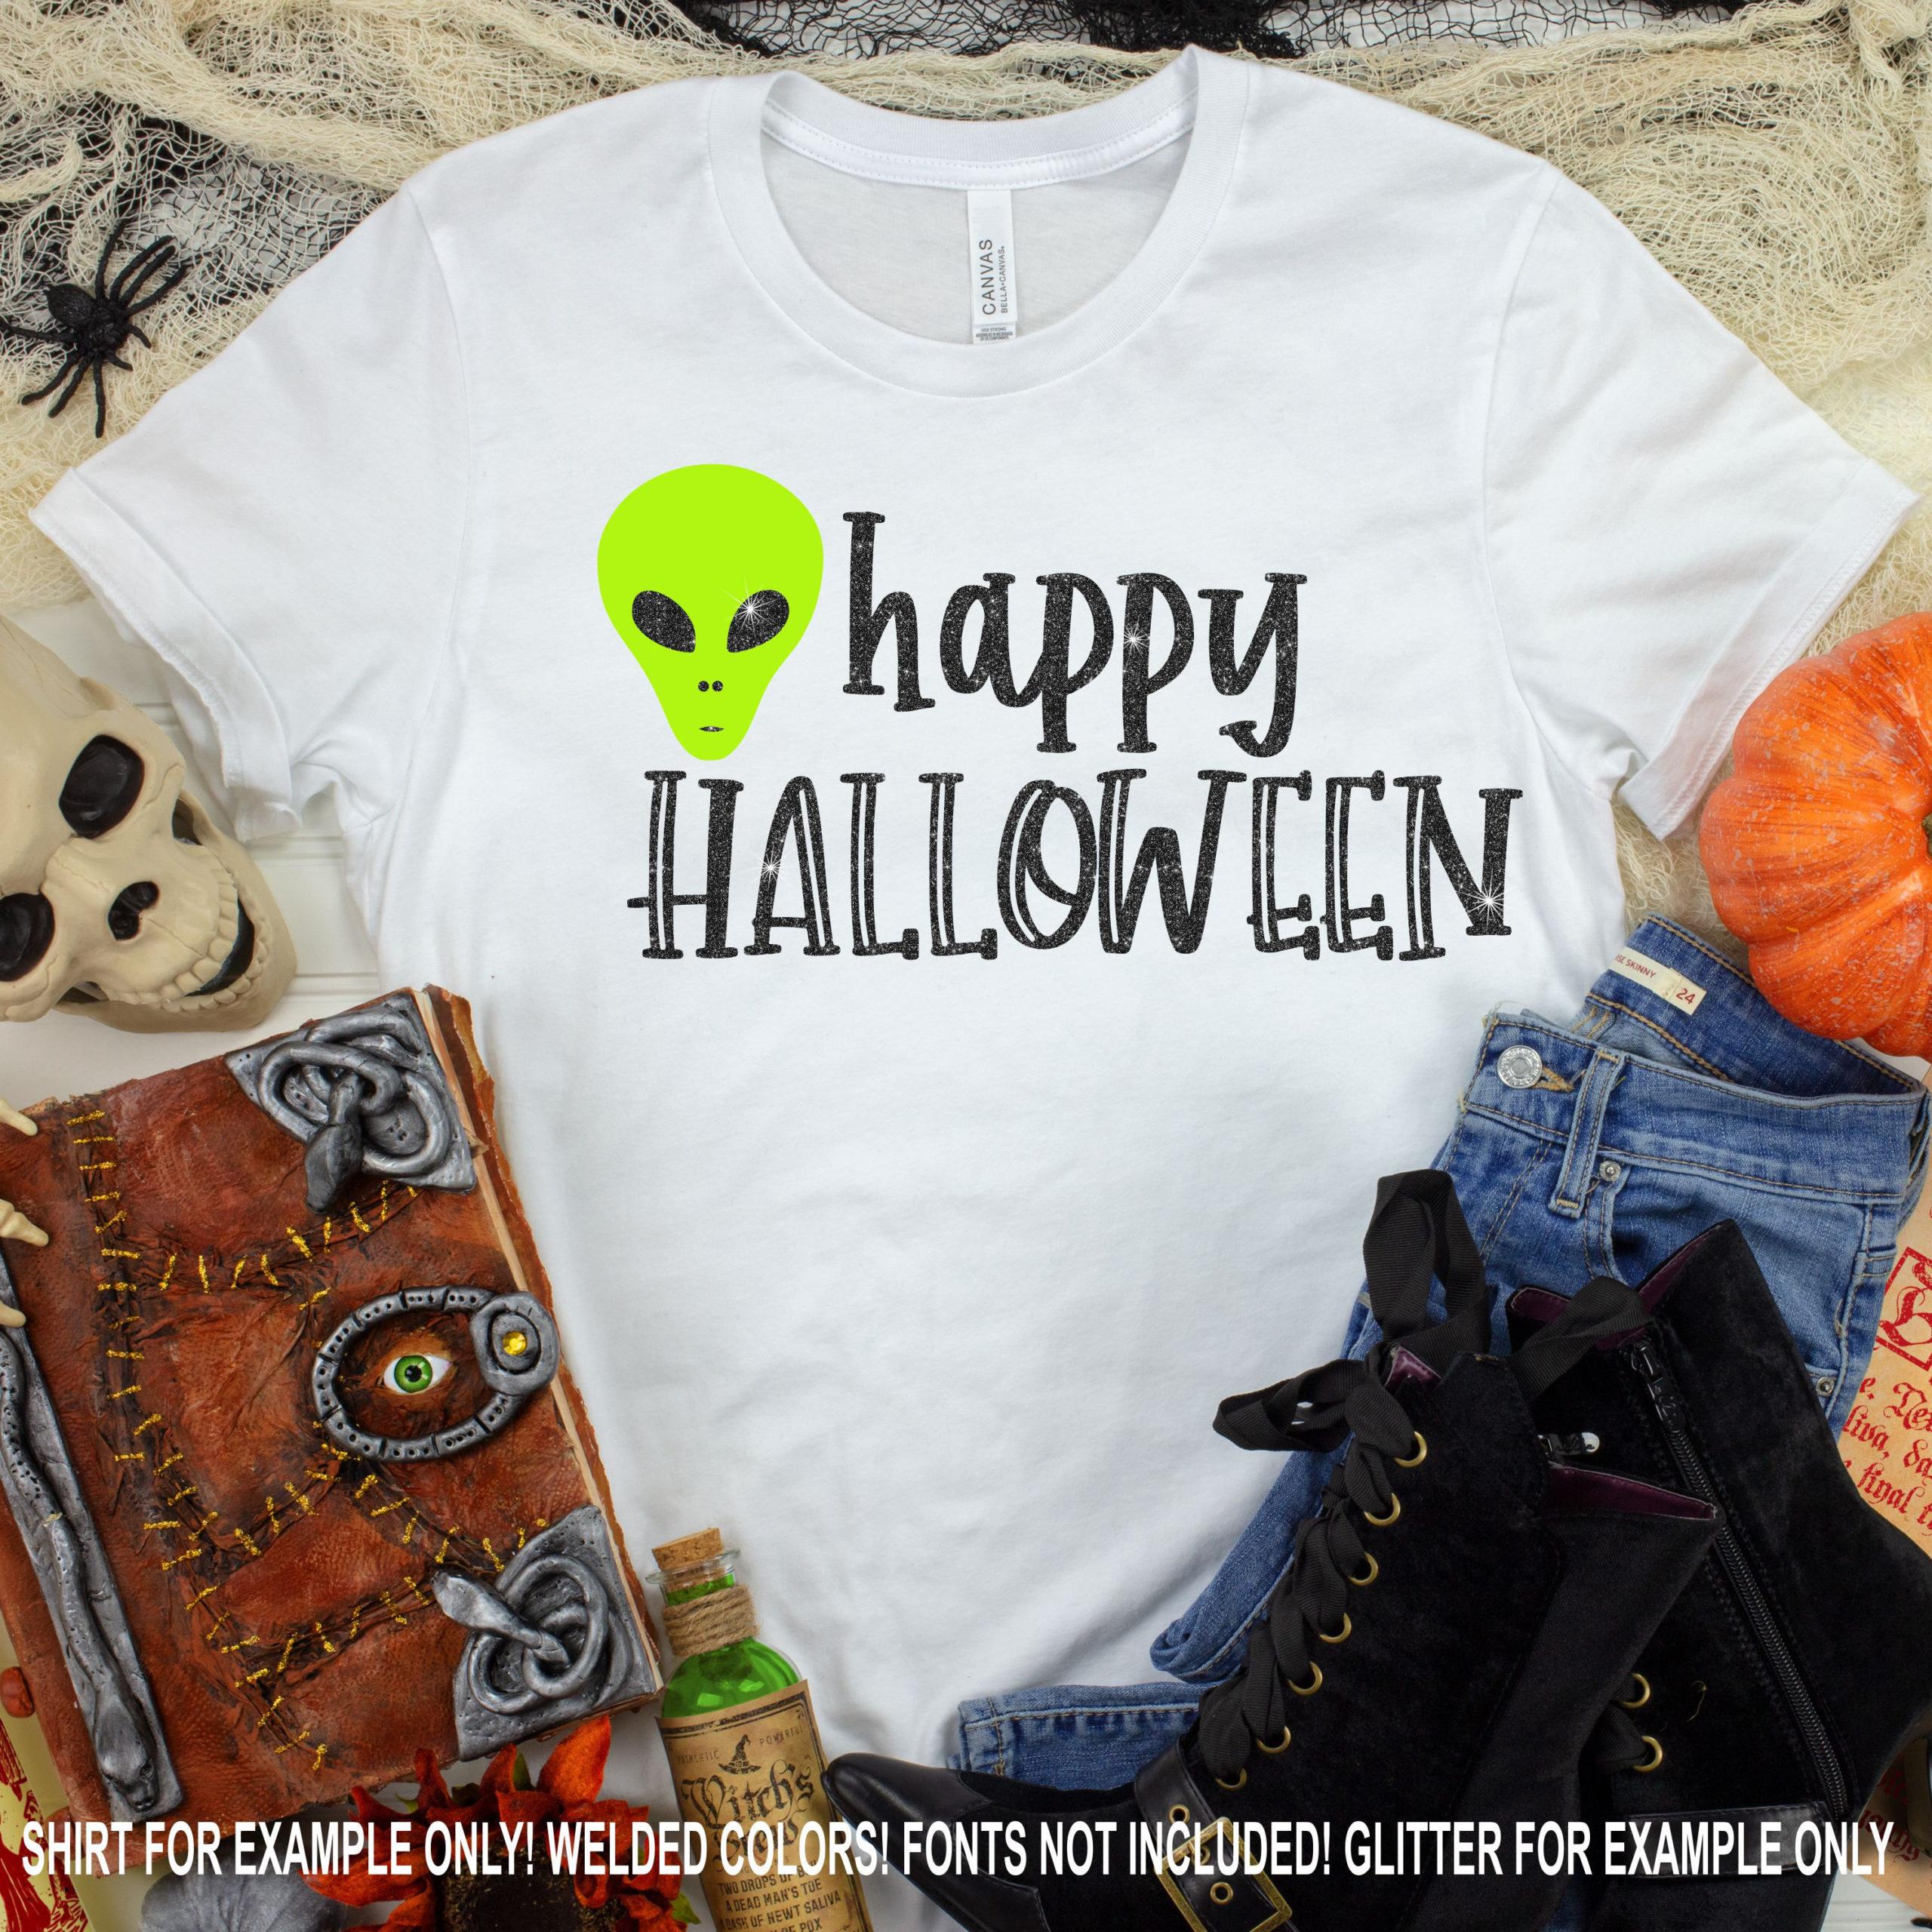 Area-51-svgalien-halloween-svg-halloween-svg-alien-svg-happy-halloween-svg-svg-halloween-cut-file-halloween-svg-designsvg-for-mobile-5f6f8bad